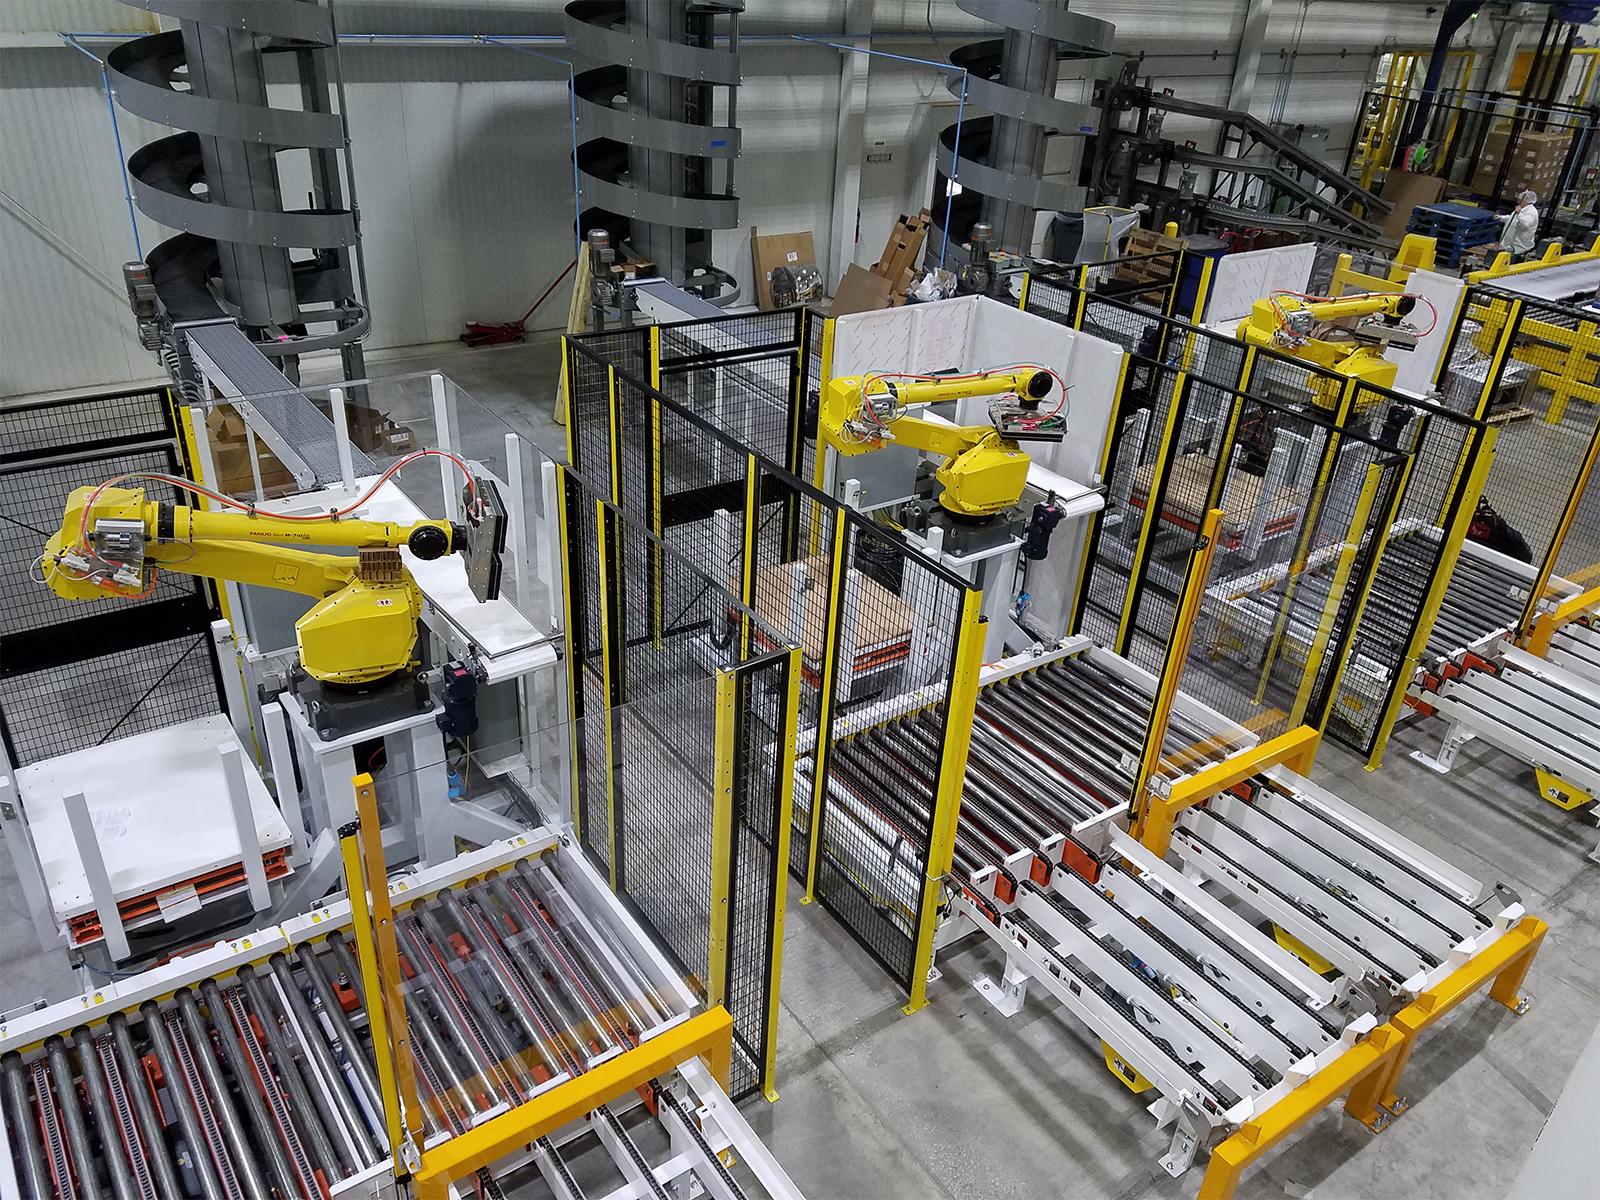 Quest Boxed Bot - Robotic Palletizer Series - Robotic Palletizers